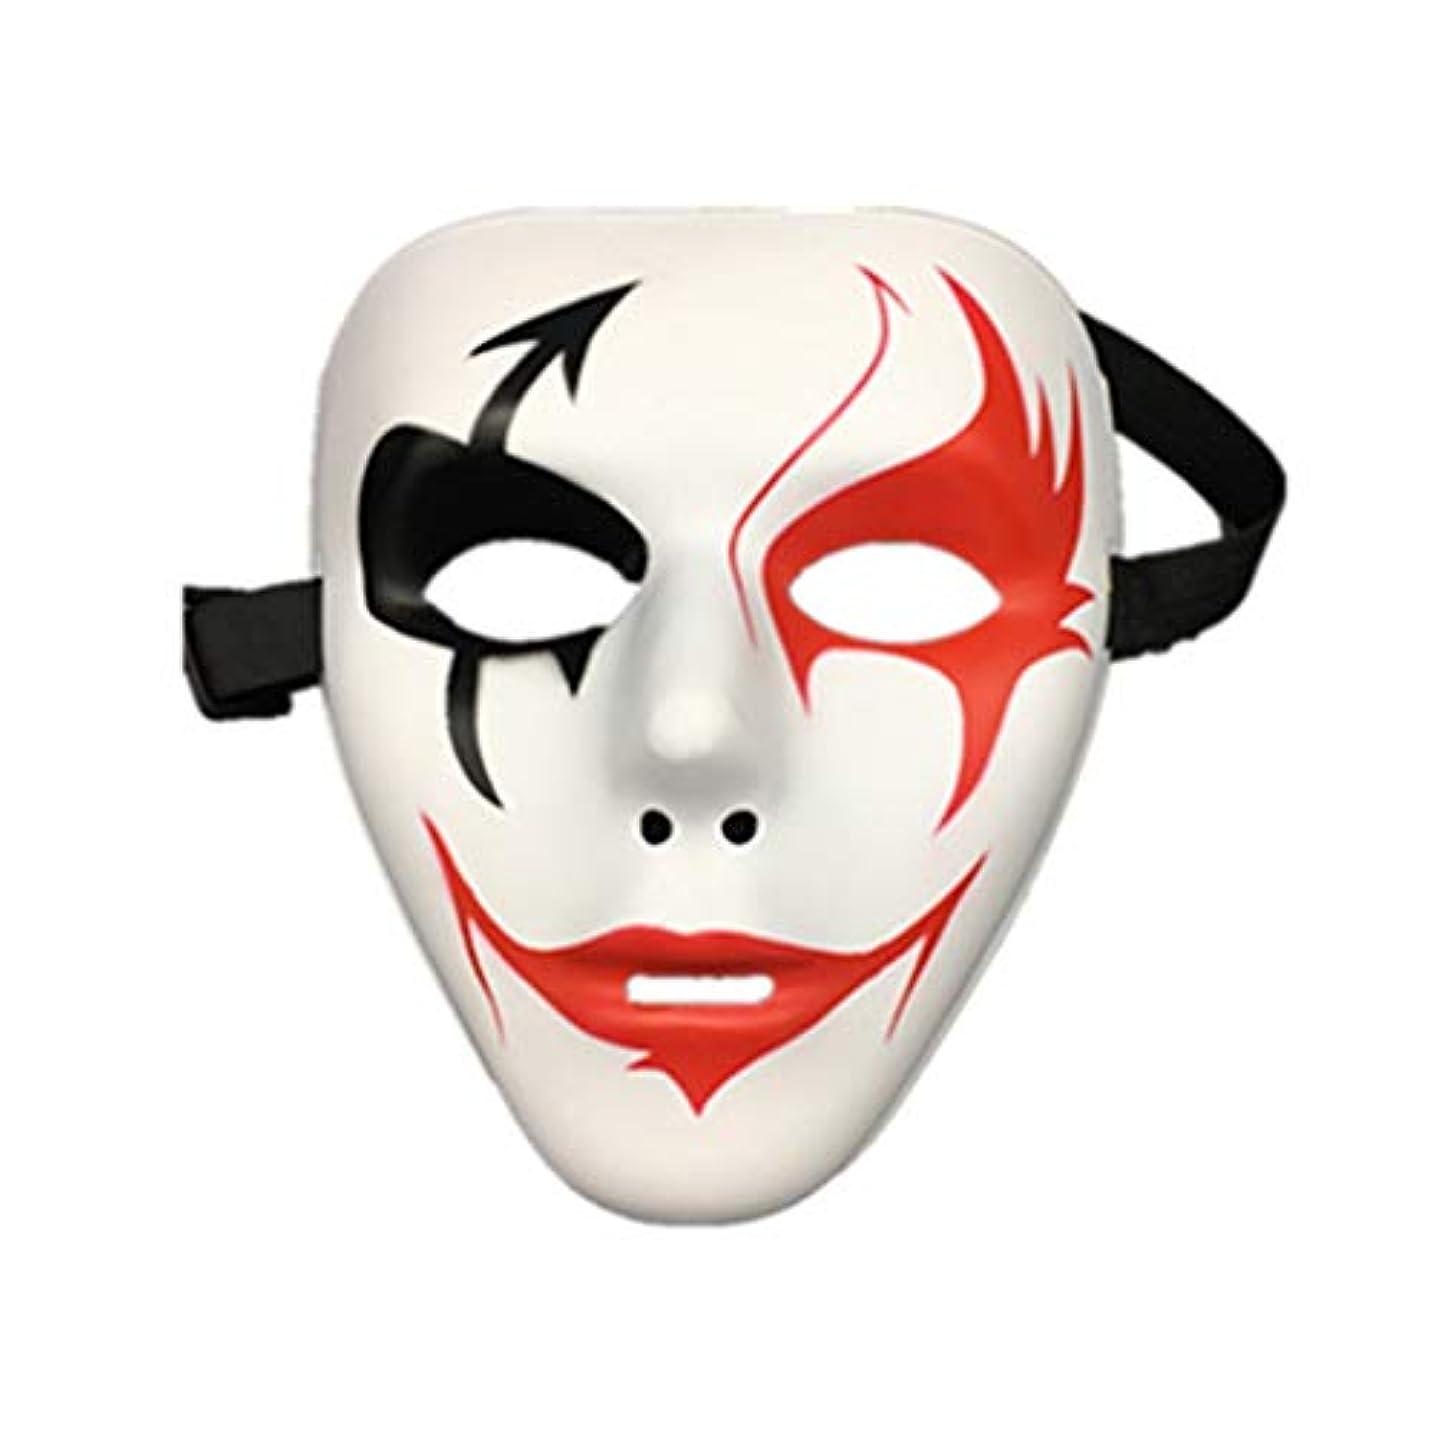 思春期の発行ラリーベルモントハロウィンマスクフルフェイスストリートダンス振動マスク仮装変なマスクダンスマスク